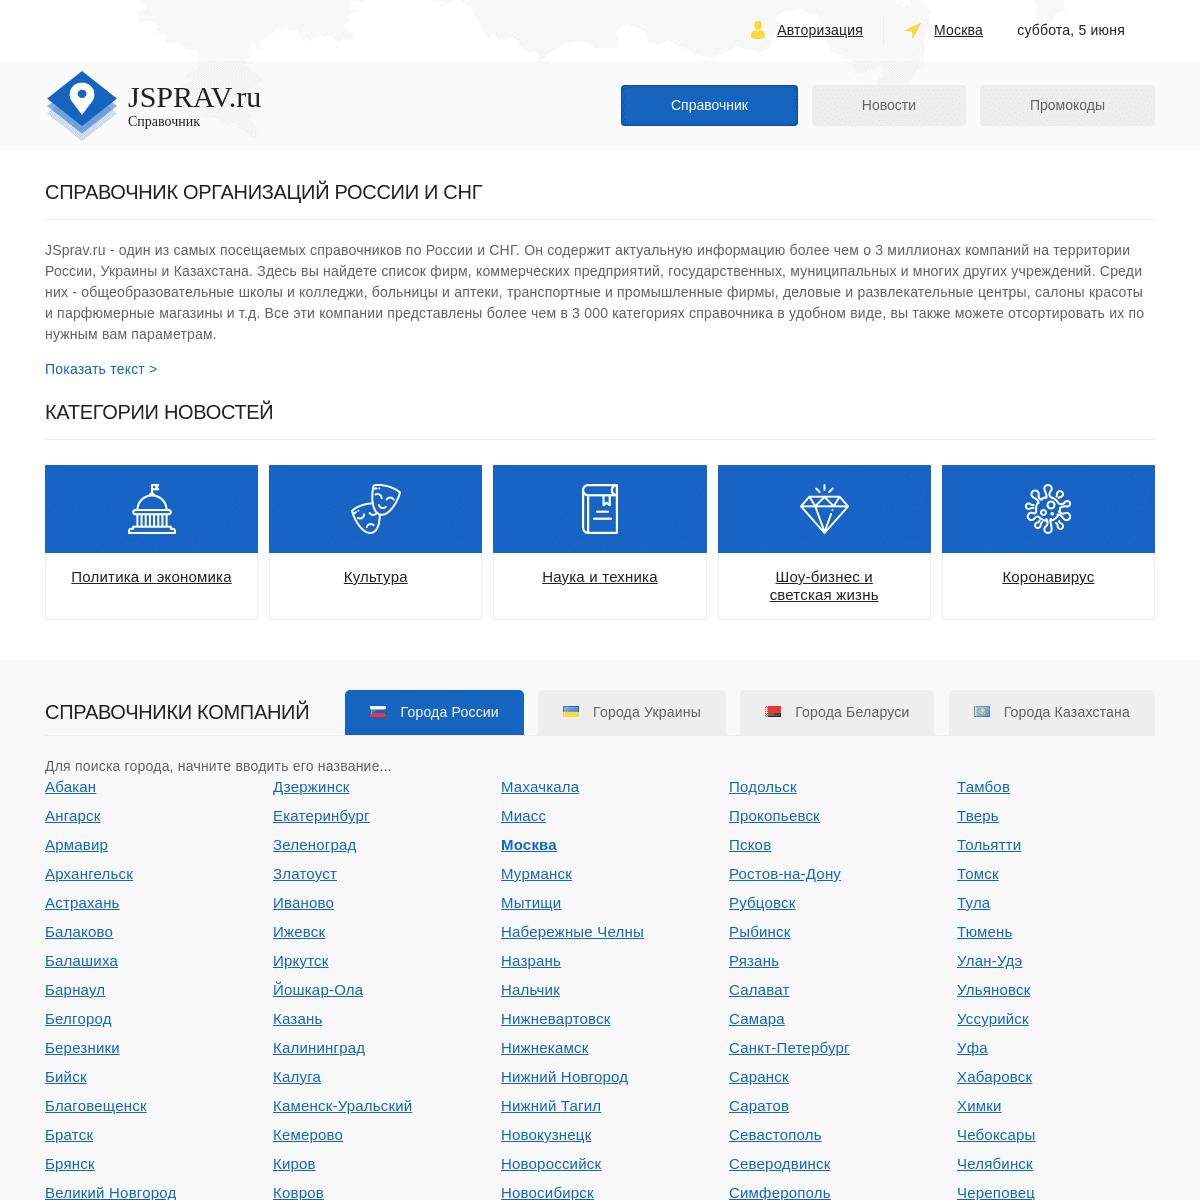 Справочник организаций 🏭 России, Украины, Беларуси и Казахстана